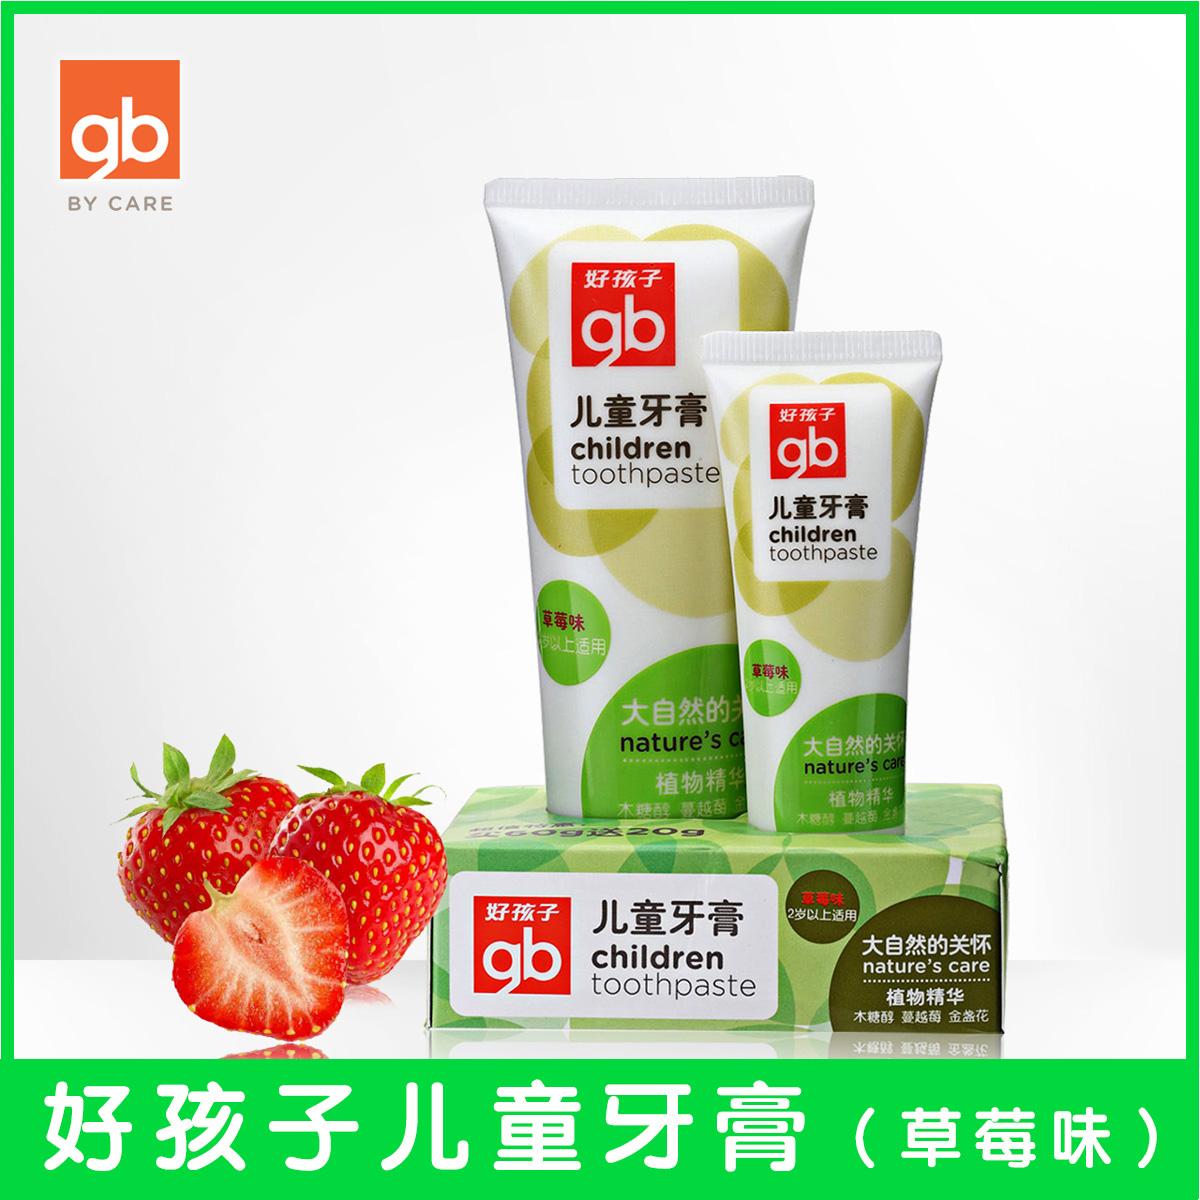 gb好孩子儿童牙膏 无氟婴幼儿牙膏 宝宝牙膏 60g+20g草莓味牙膏